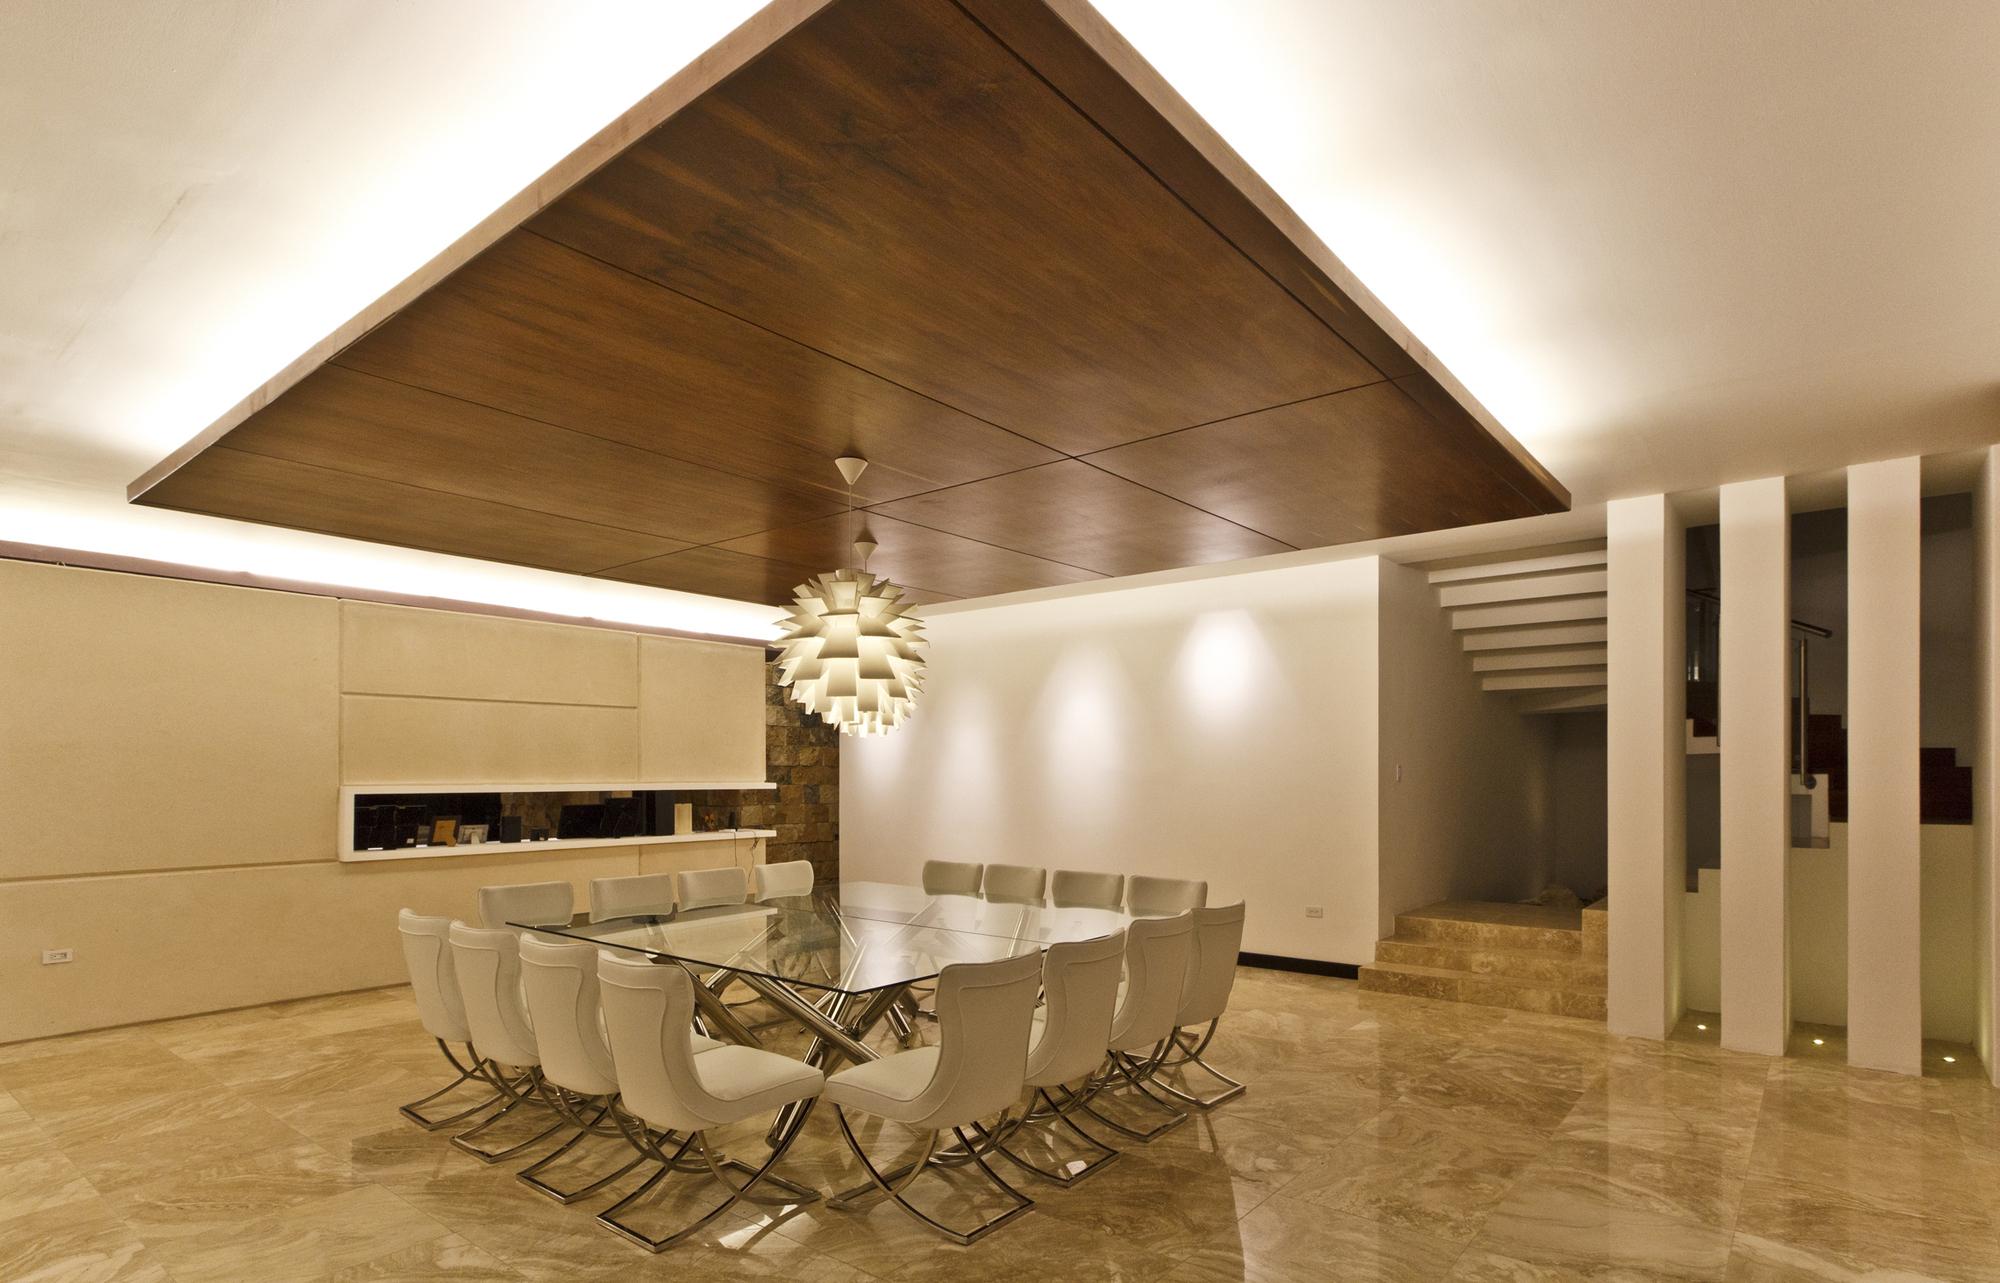 5305f467e8e44e12c0000005_temozon-house-carrillo-arquitectos-y-asociados_temozon_foto_16